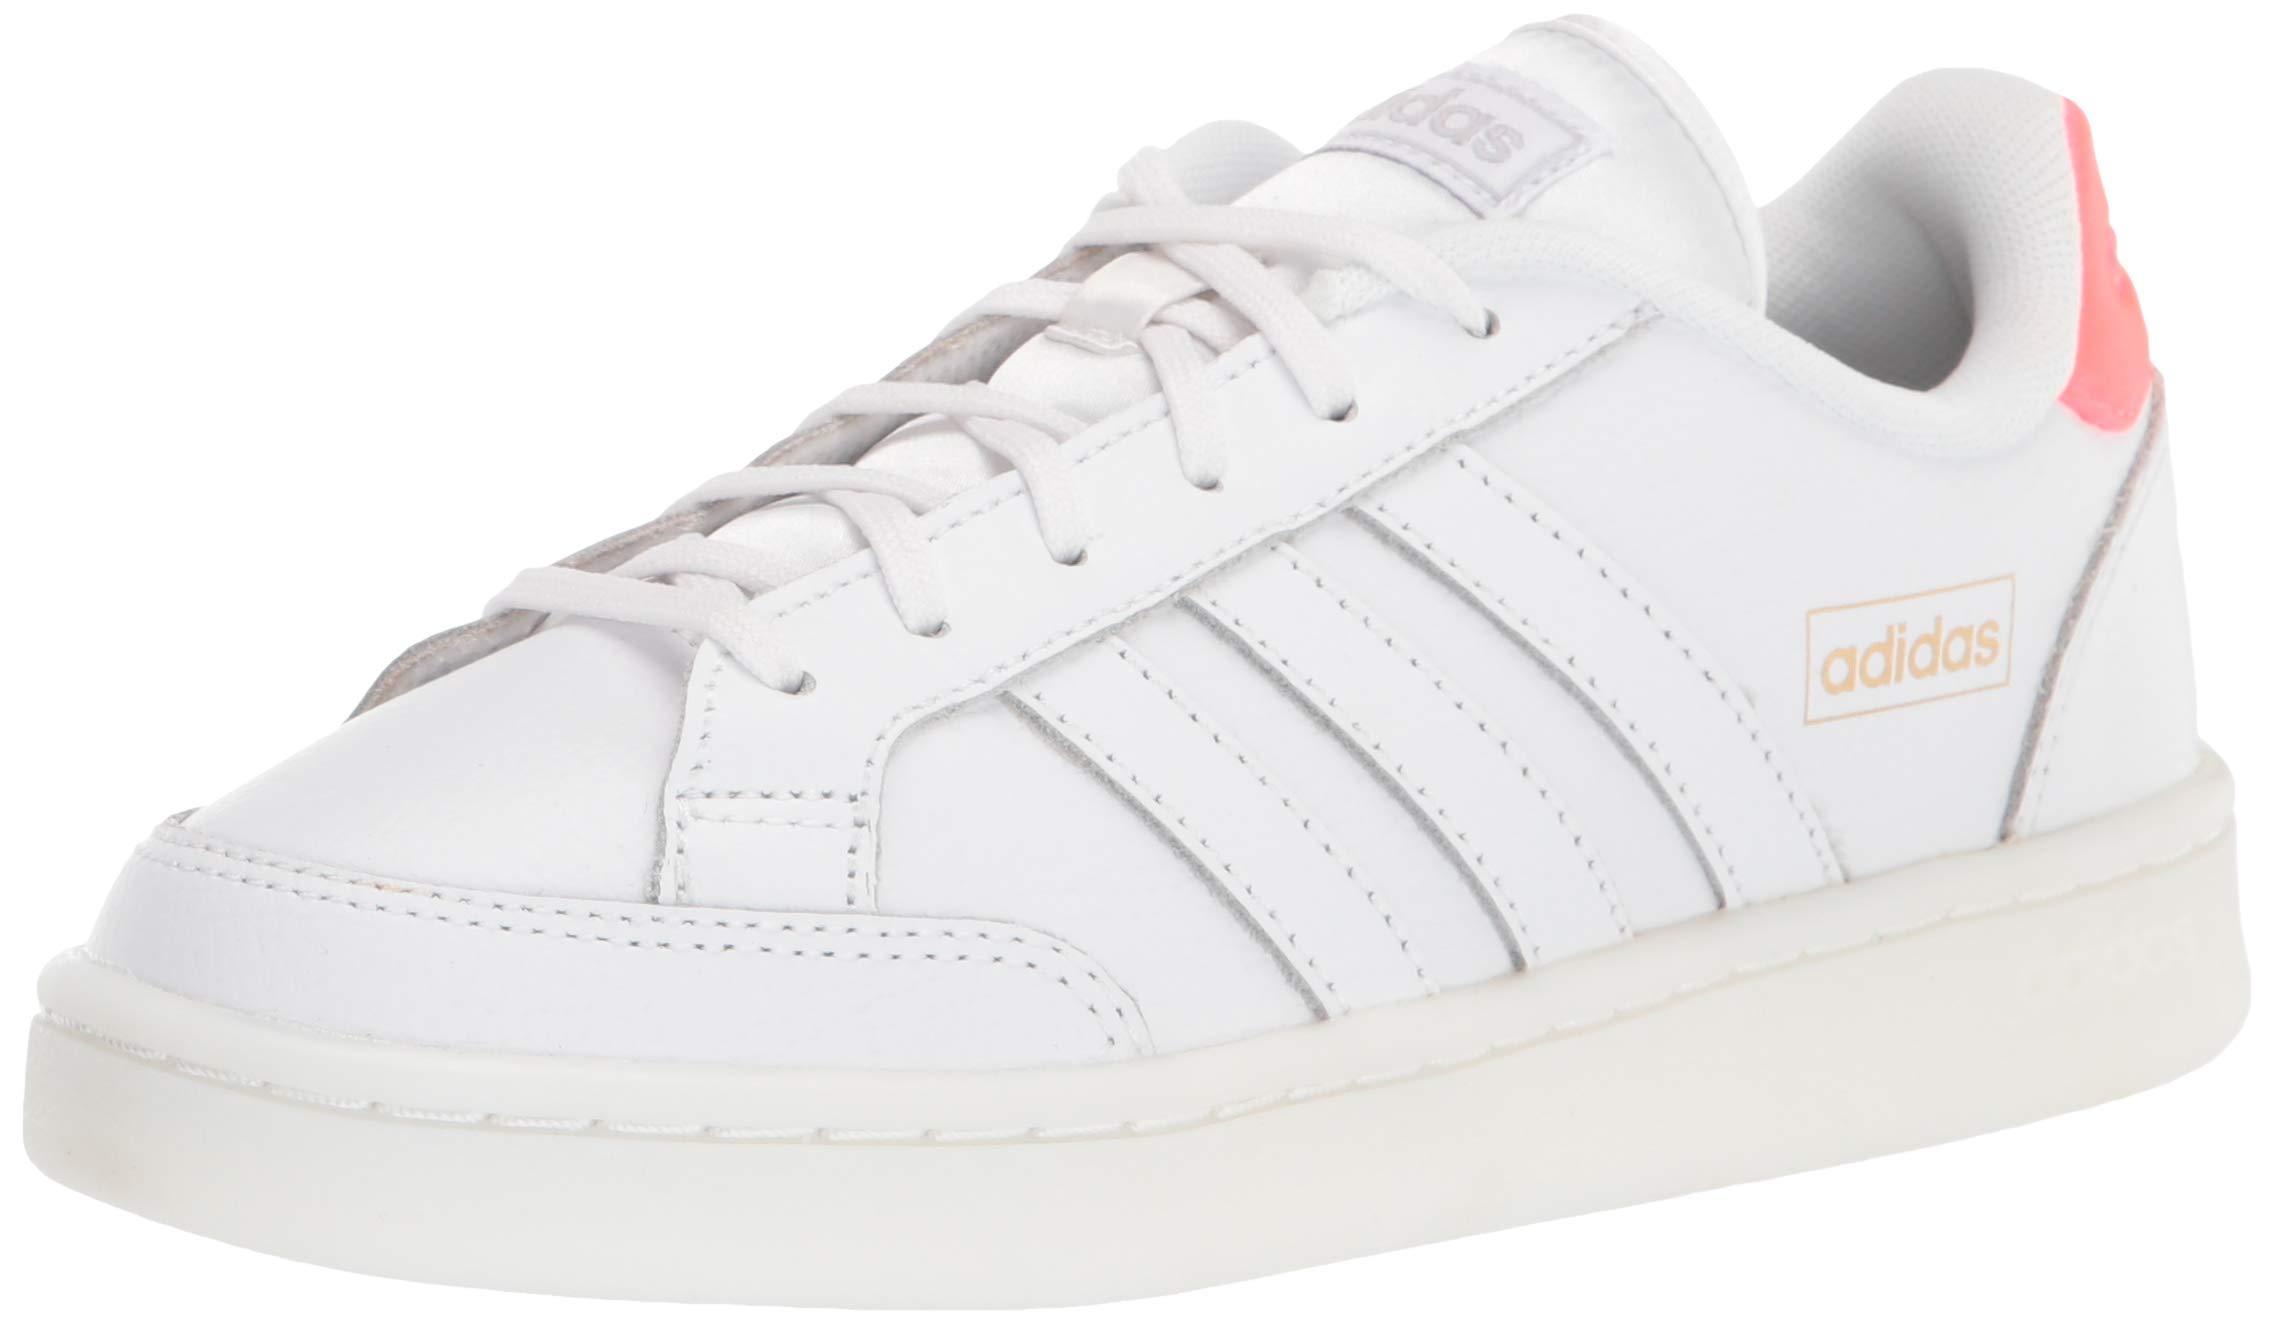 adidas Grand Court Se Tennis Shoe in White/White/Gold Metallic ...